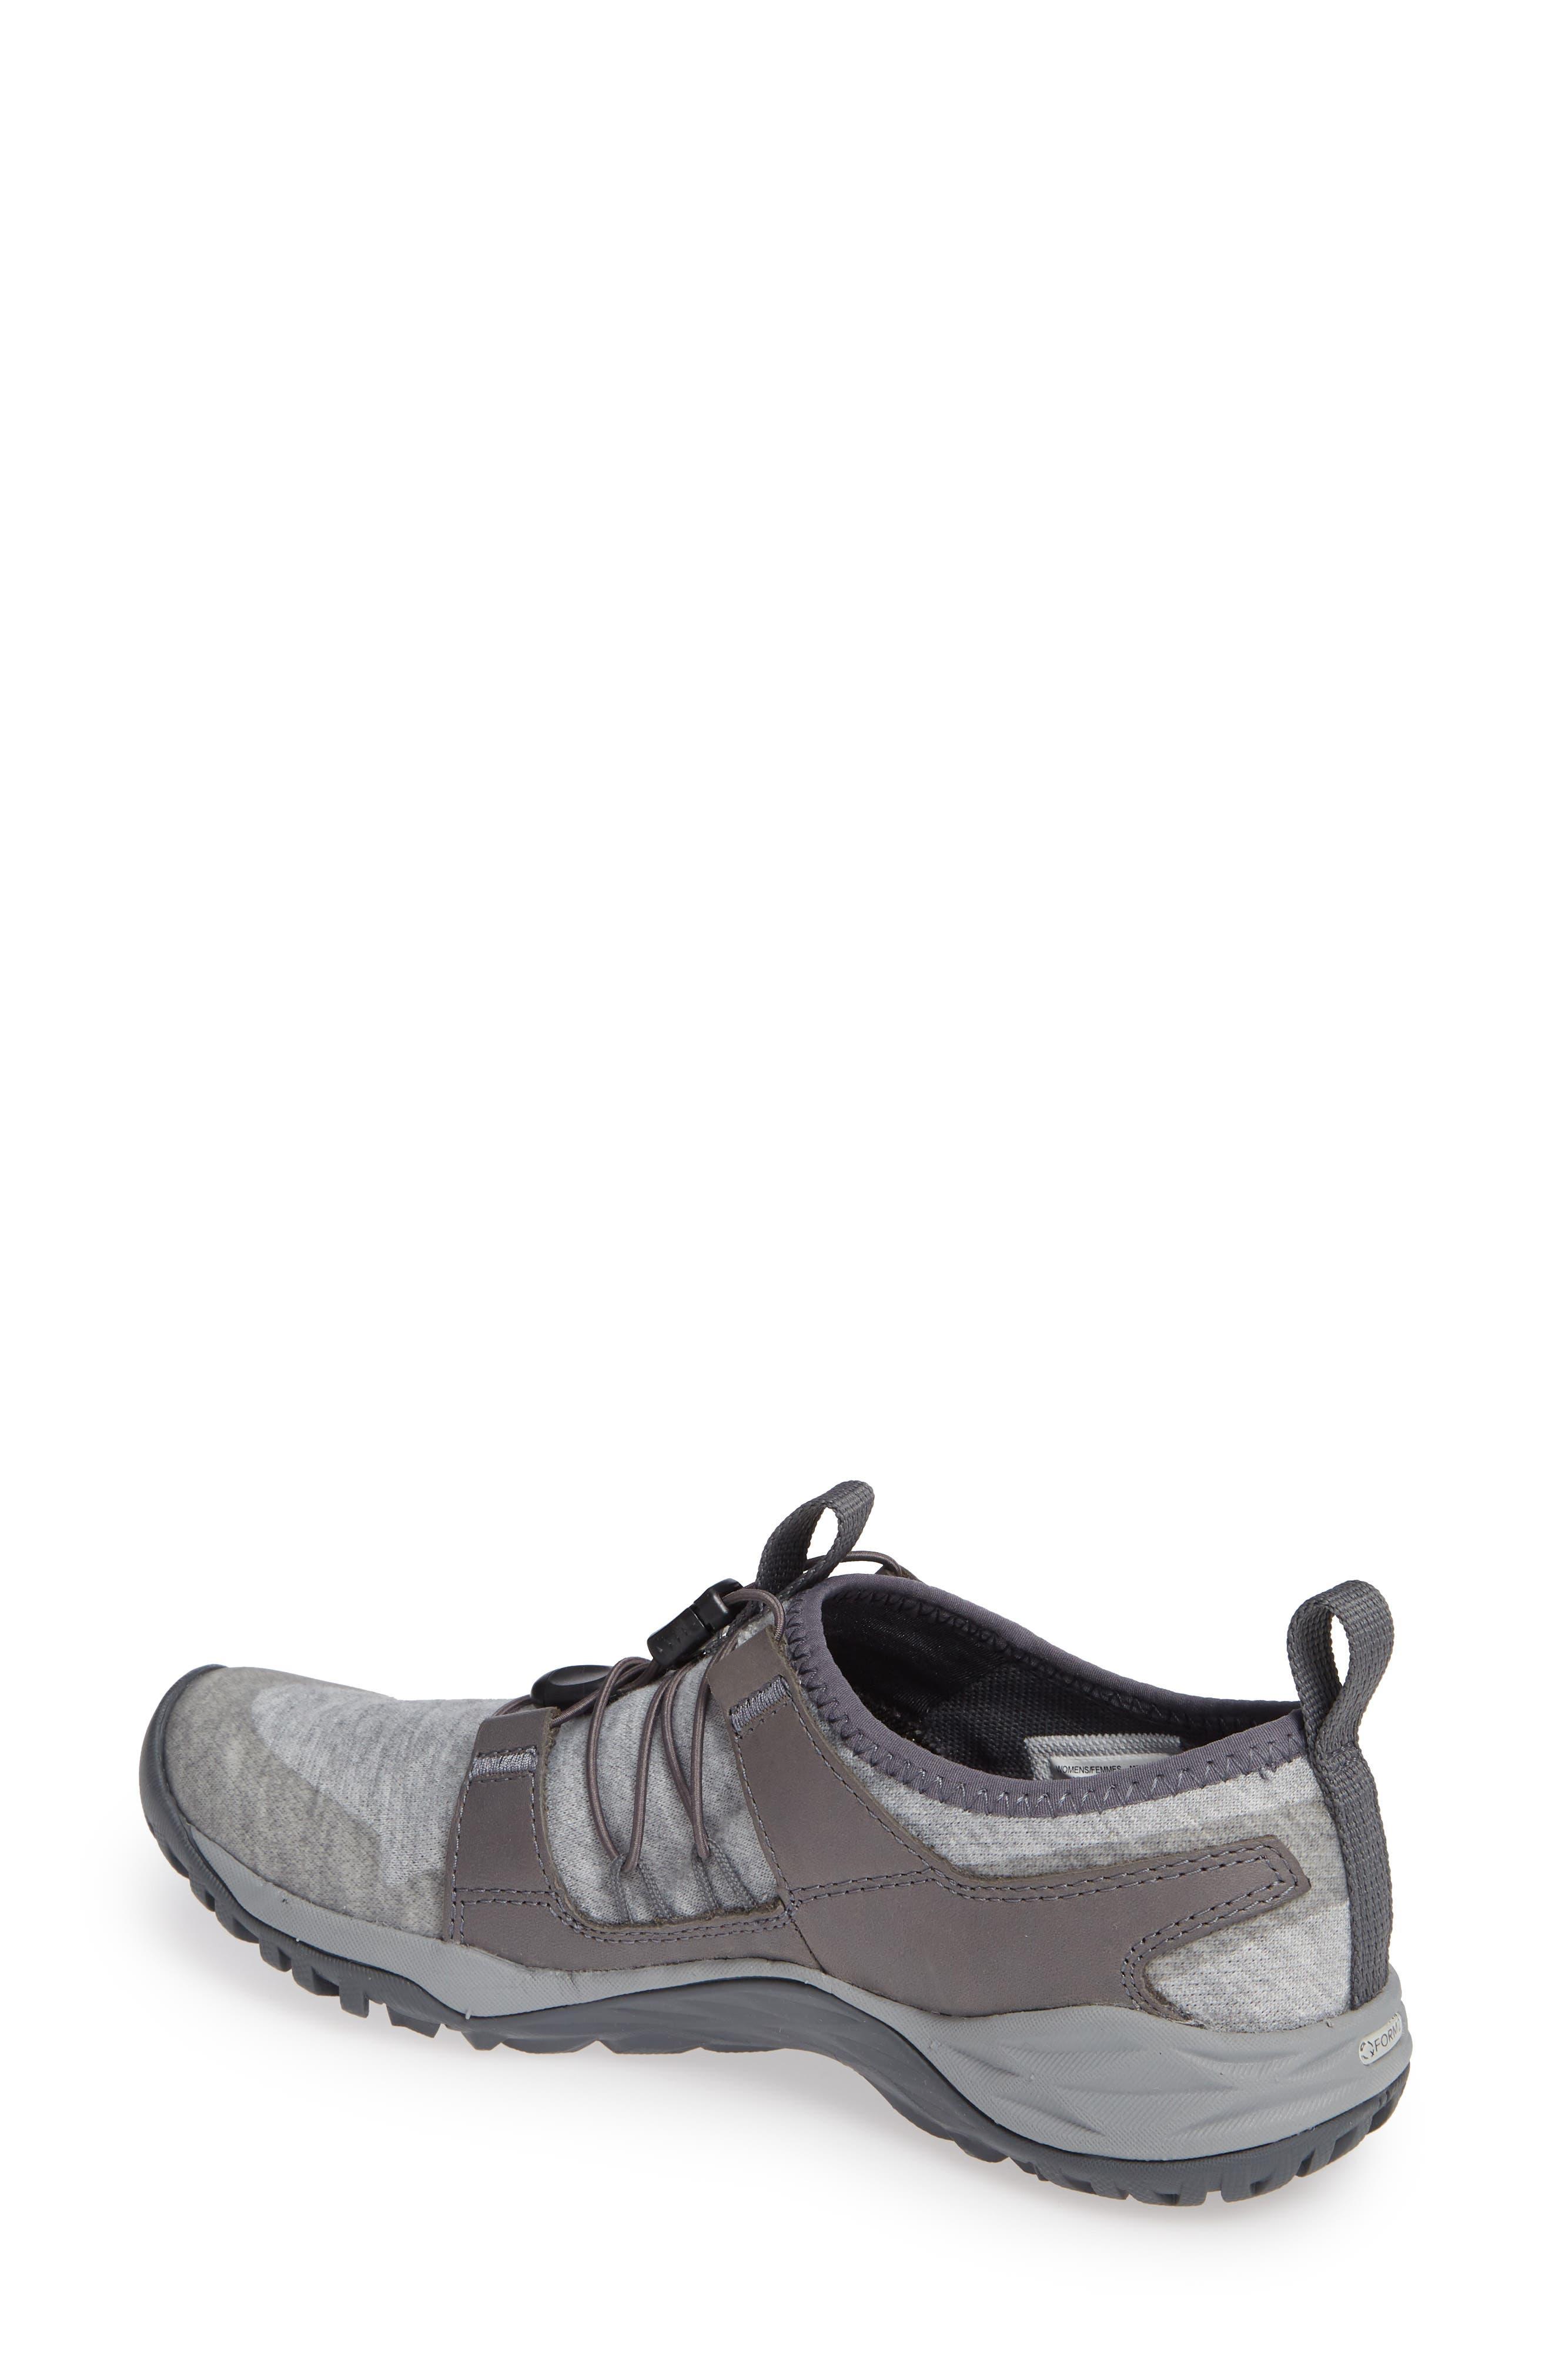 MERRELL, Siren Guided Knit Q2 Sneaker, Alternate thumbnail 2, color, 050